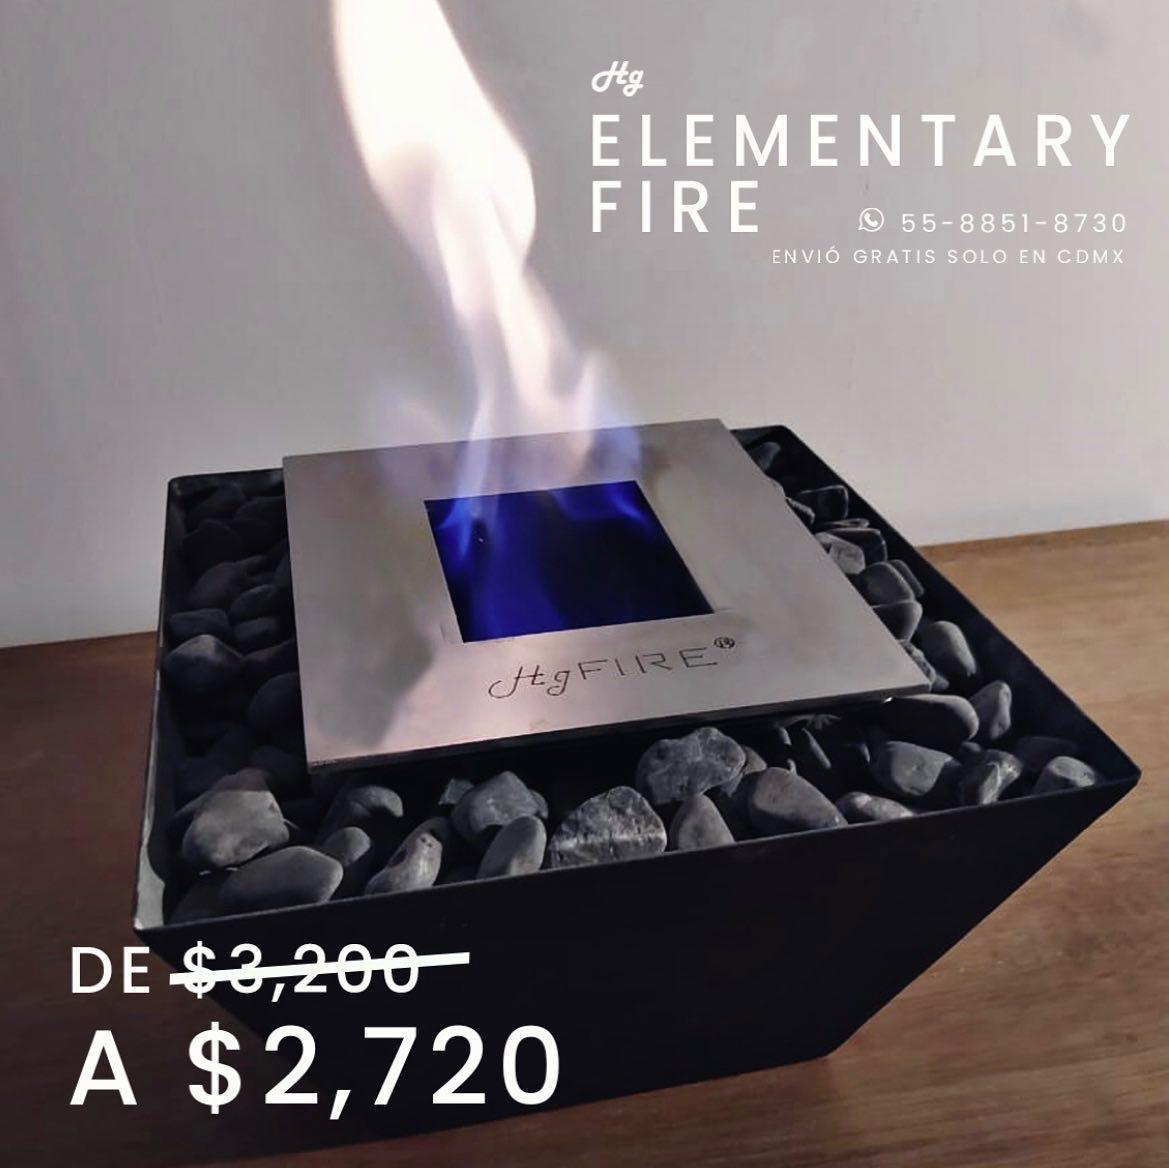 No pases más frío! 🥶  Te ofrecemos - 15% en nuestro modelo Elementary Fire, entrega inmediata en CDMX 🔥